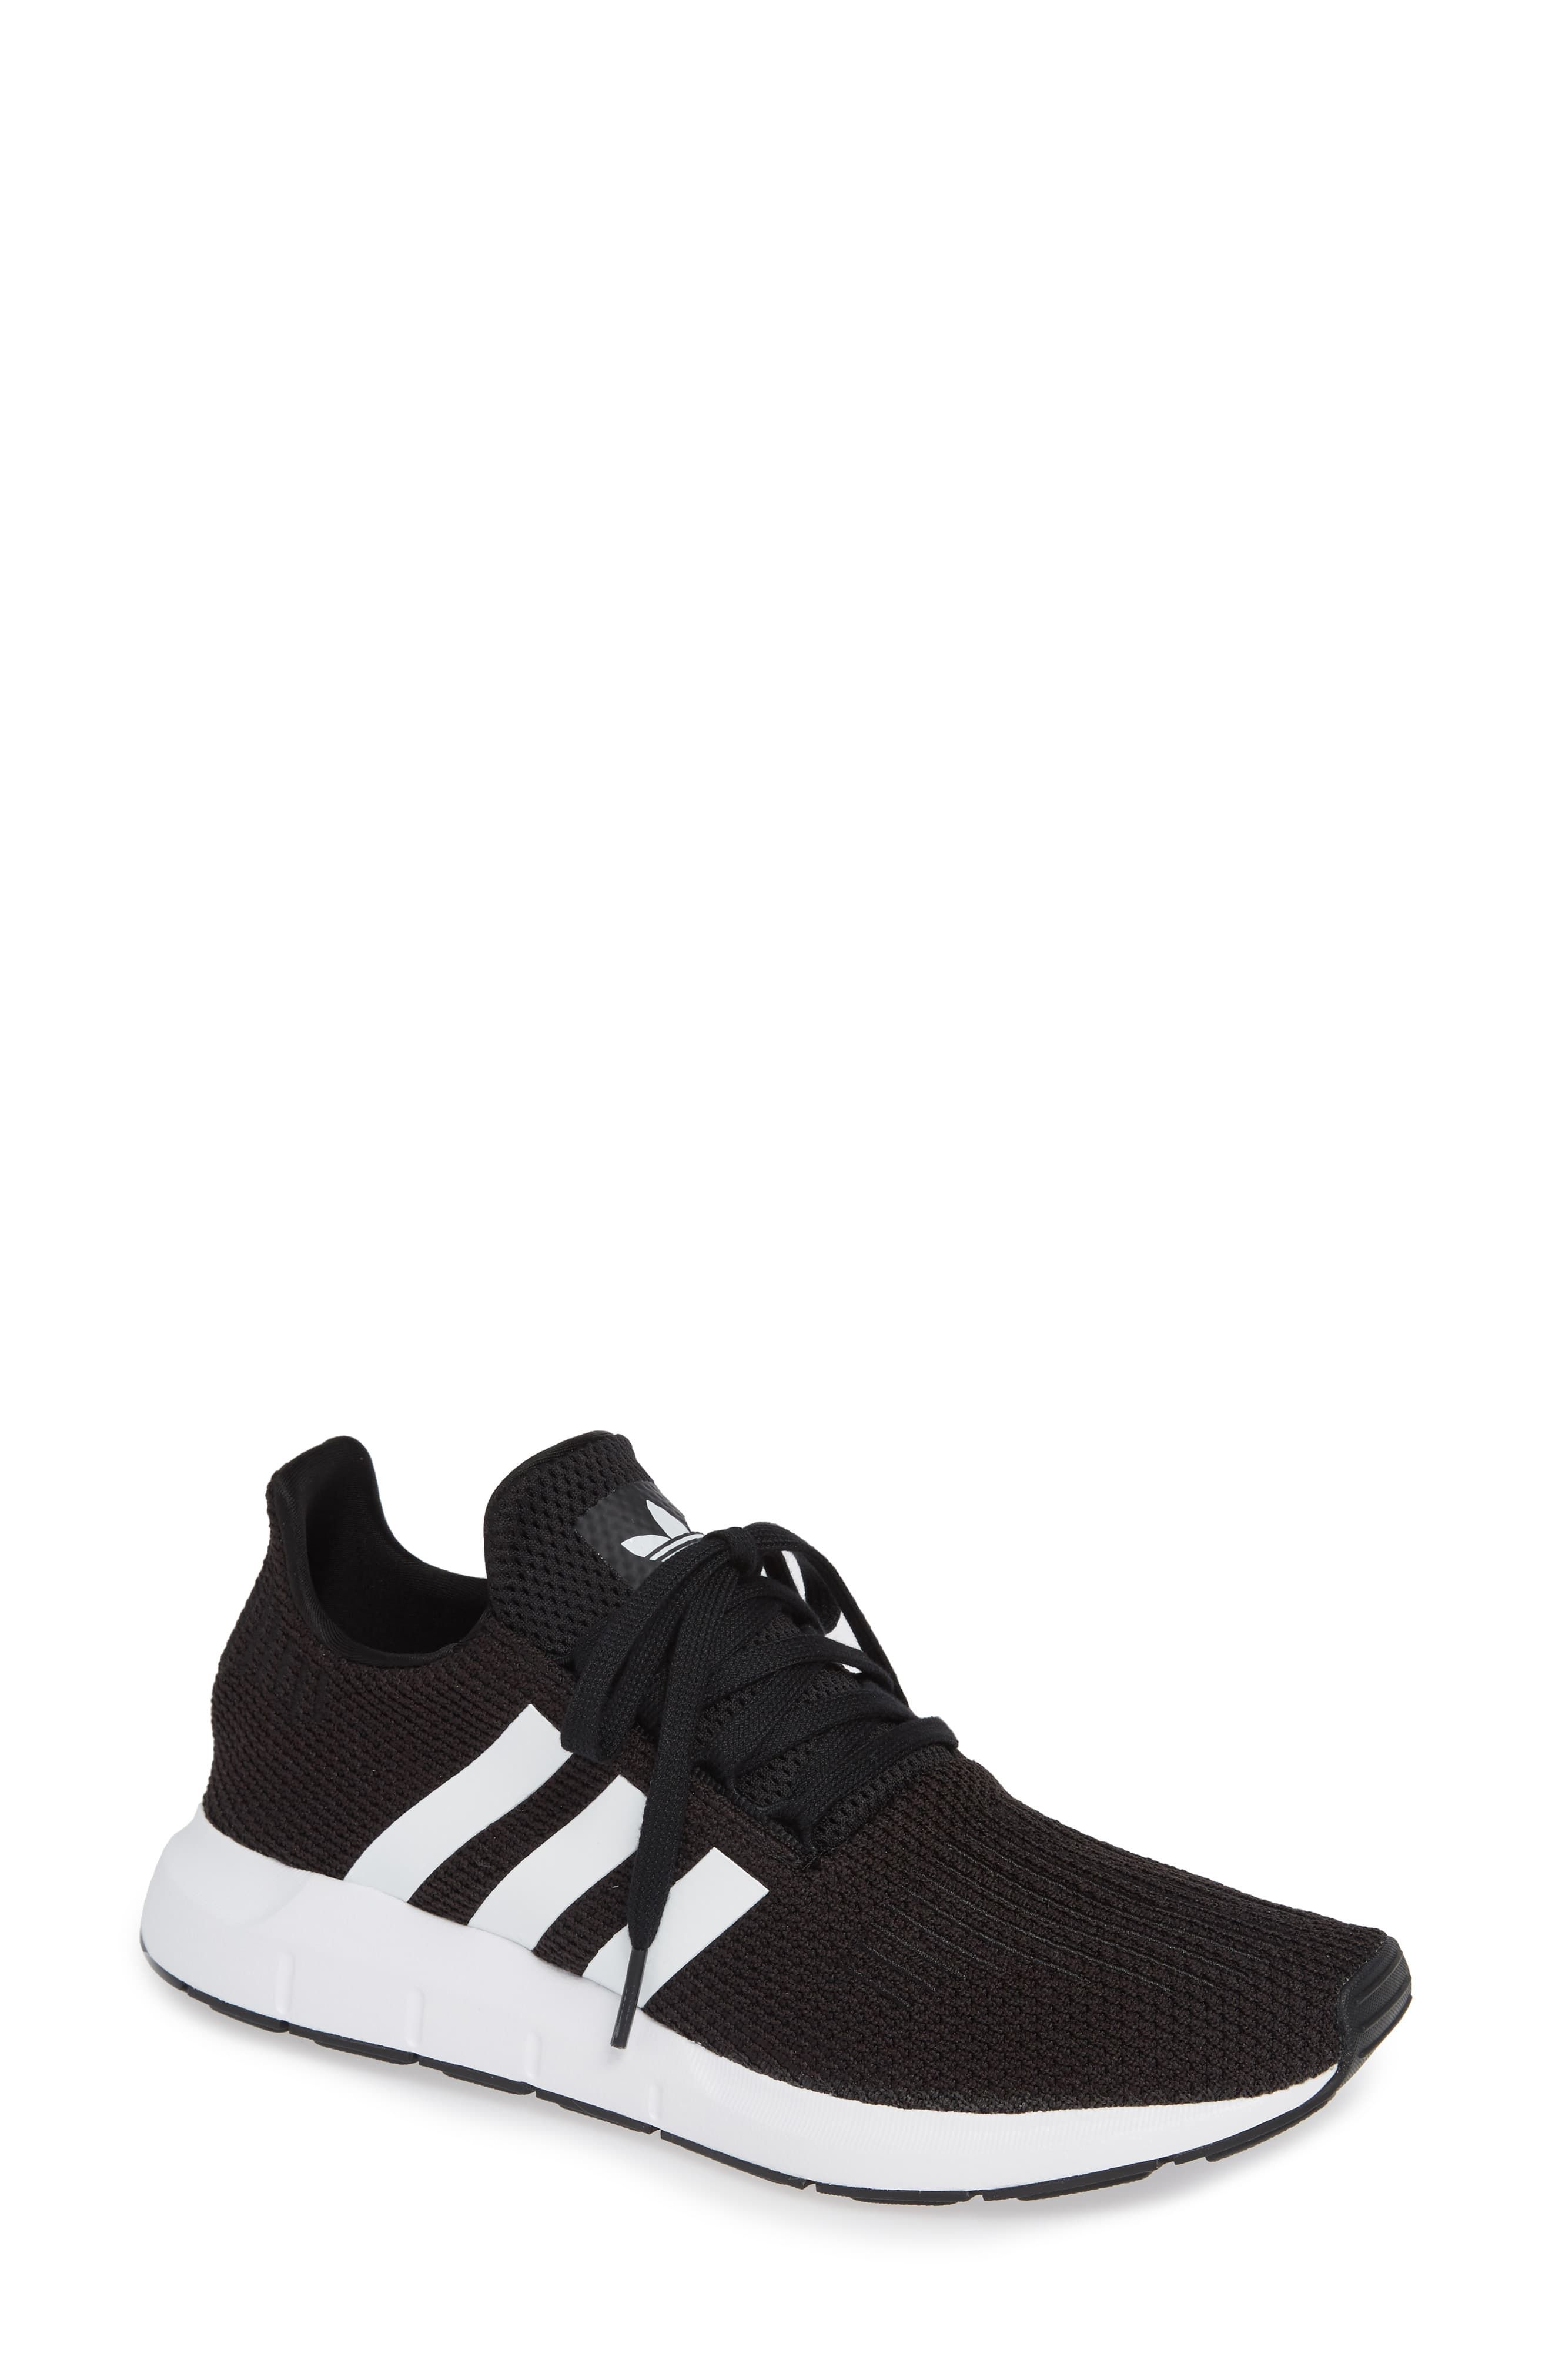 Women's Adidas Swift Run Sneaker, Size 5 Women's / 4 Men's M ...